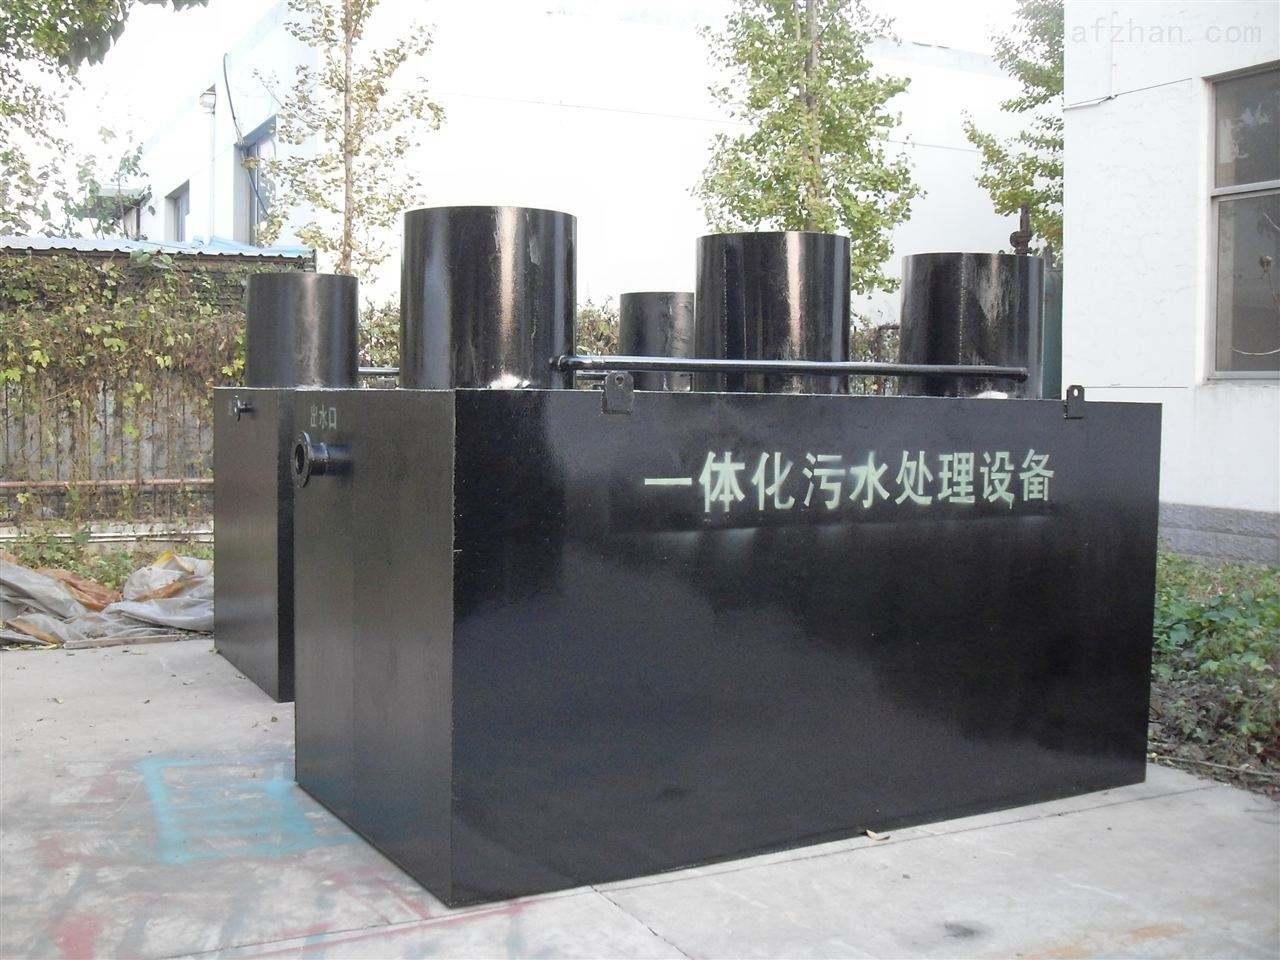 嘉兴农村生活污水处理设备 <br> 全新  价格:89500 <br> <img src=http://k.kqzp.cn/img/up/img/5d8d649e546b9.jpg width=150 >